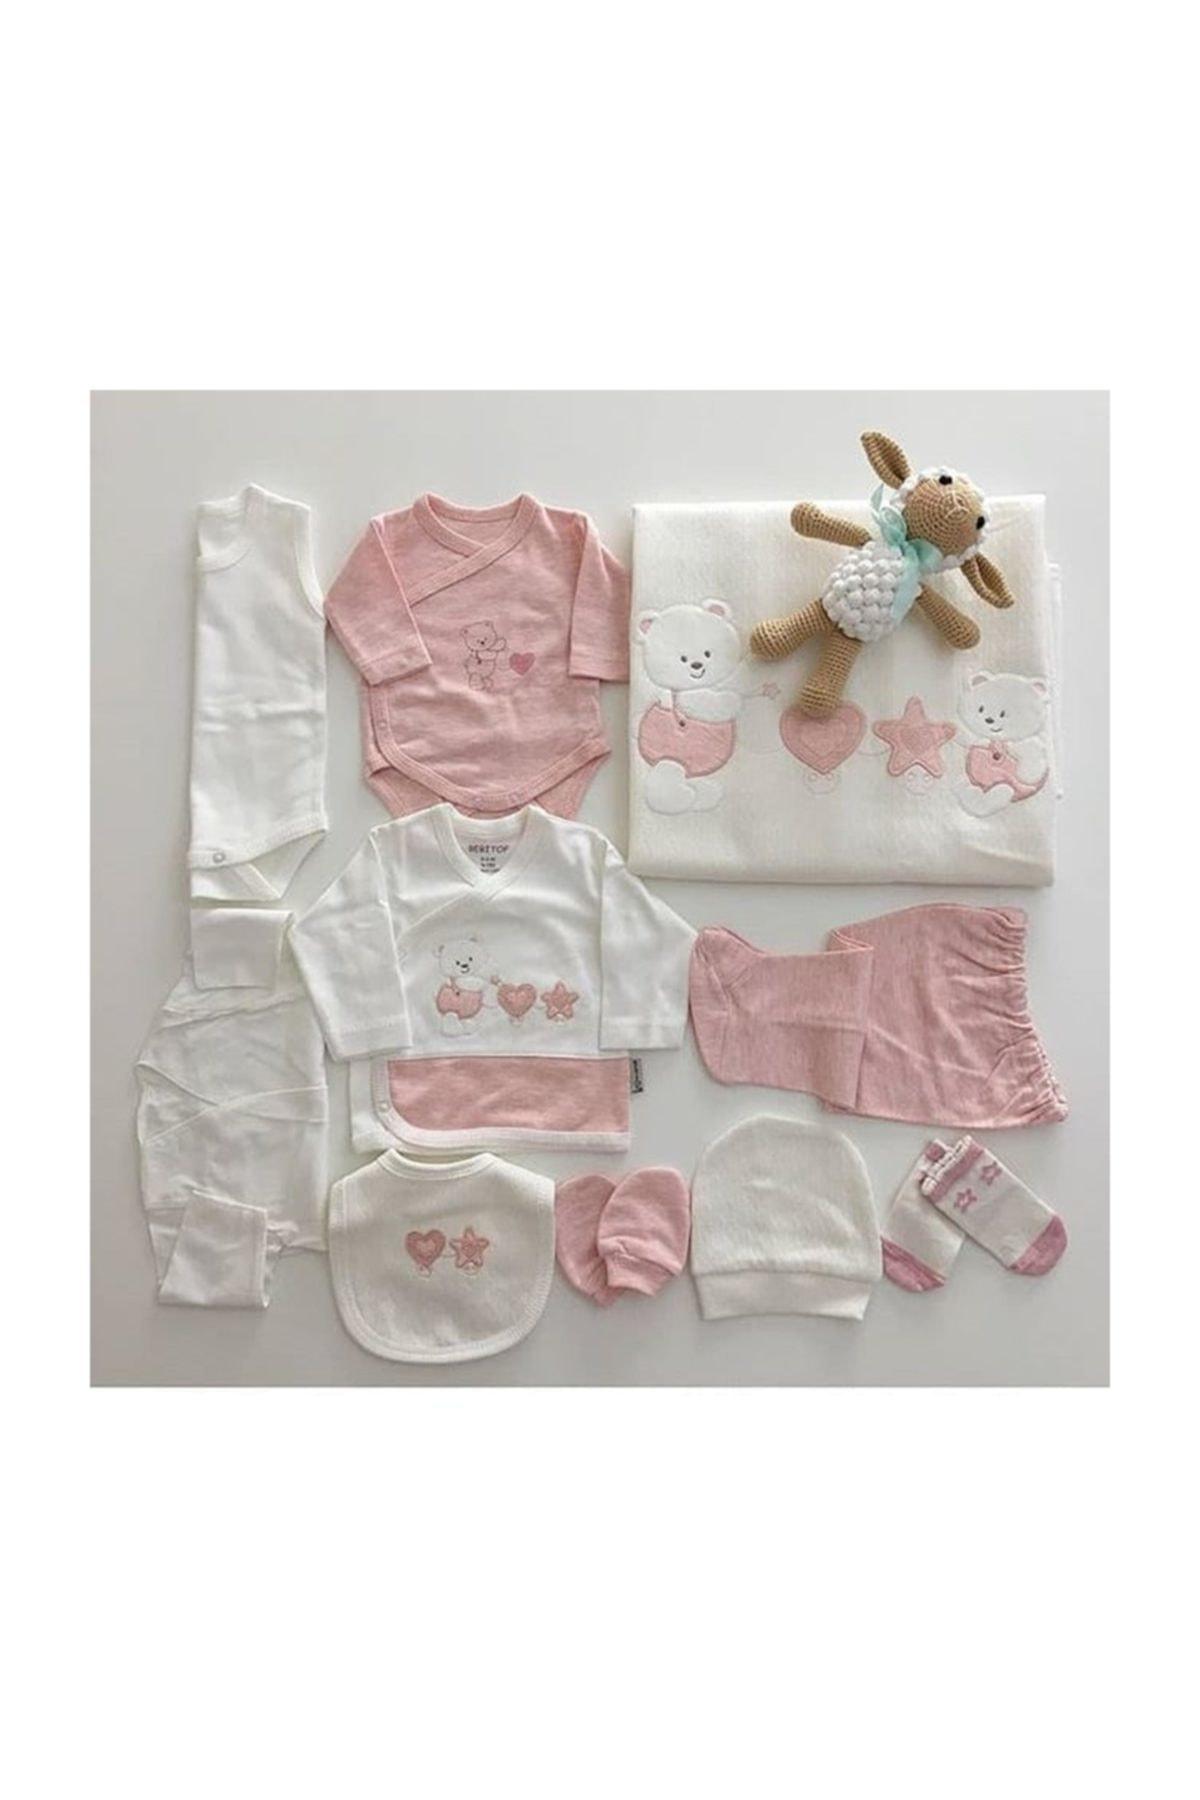 Bebitof Baby Kız Bebek Beyaz-Pembe Bebitof Yeni Sezon  10 Lu Hastane Çıkışı Seti 905 1